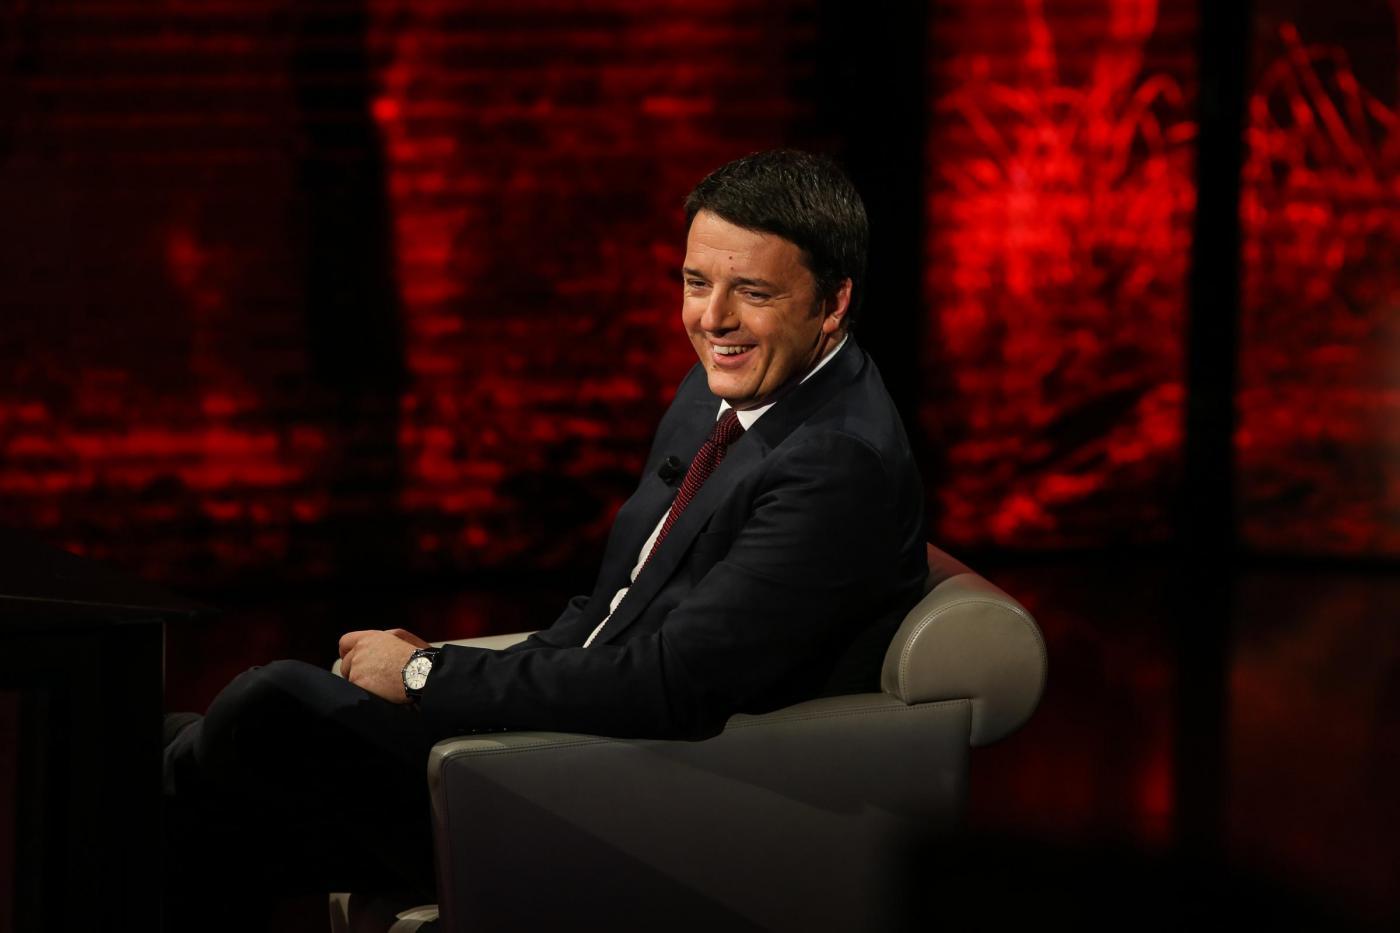 Matteo Renzi da Fazio, l'intervista al premier tra nuovi ministri e diritti civili